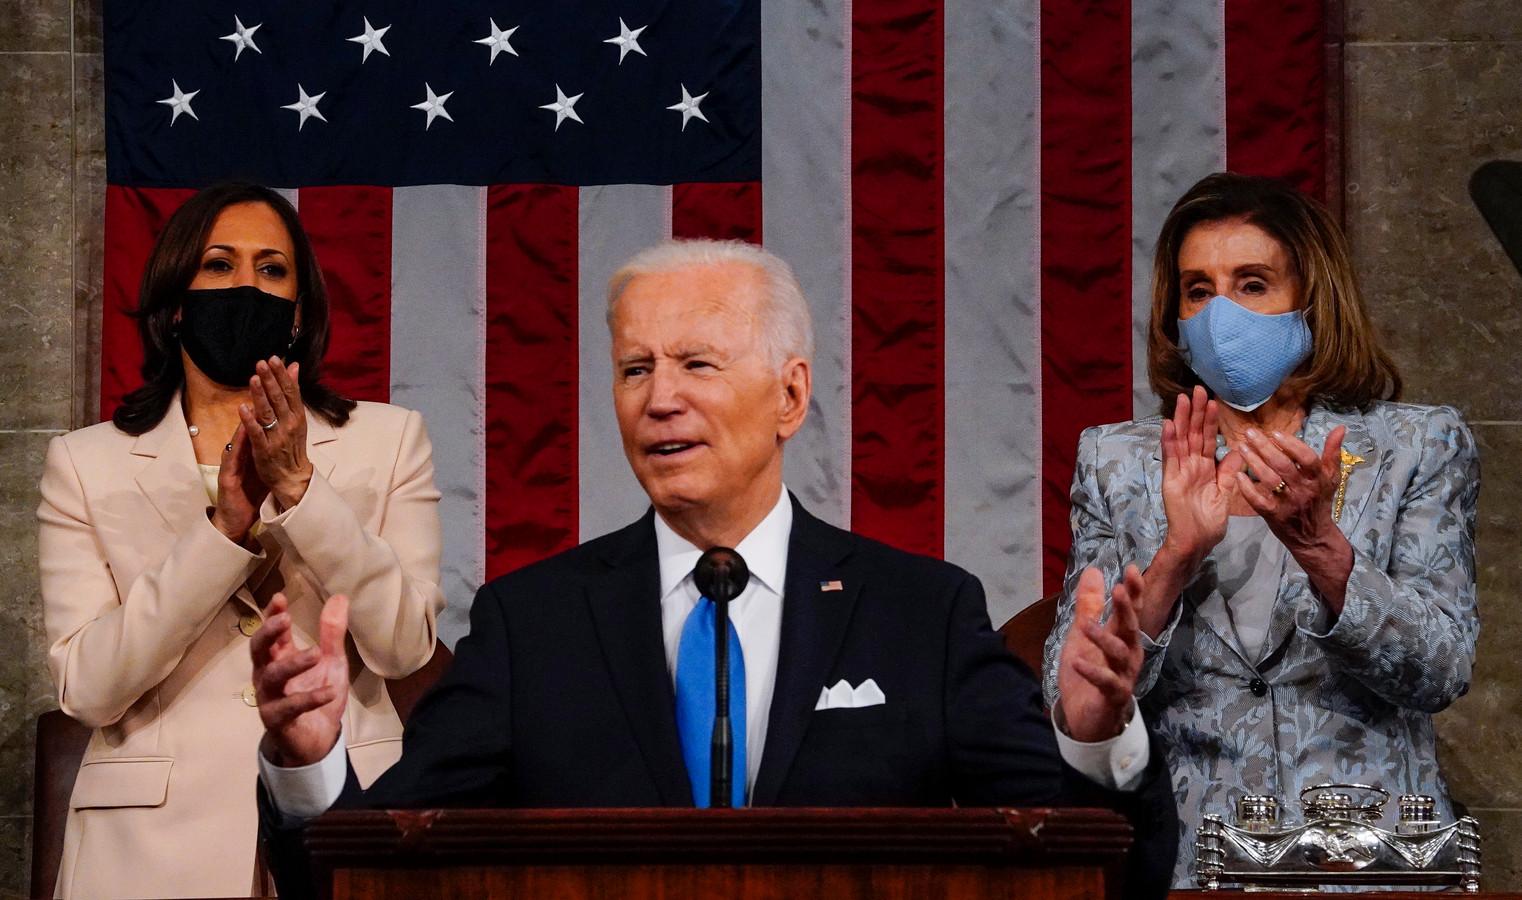 President Joe Biden na zijn toespraak in het congres.